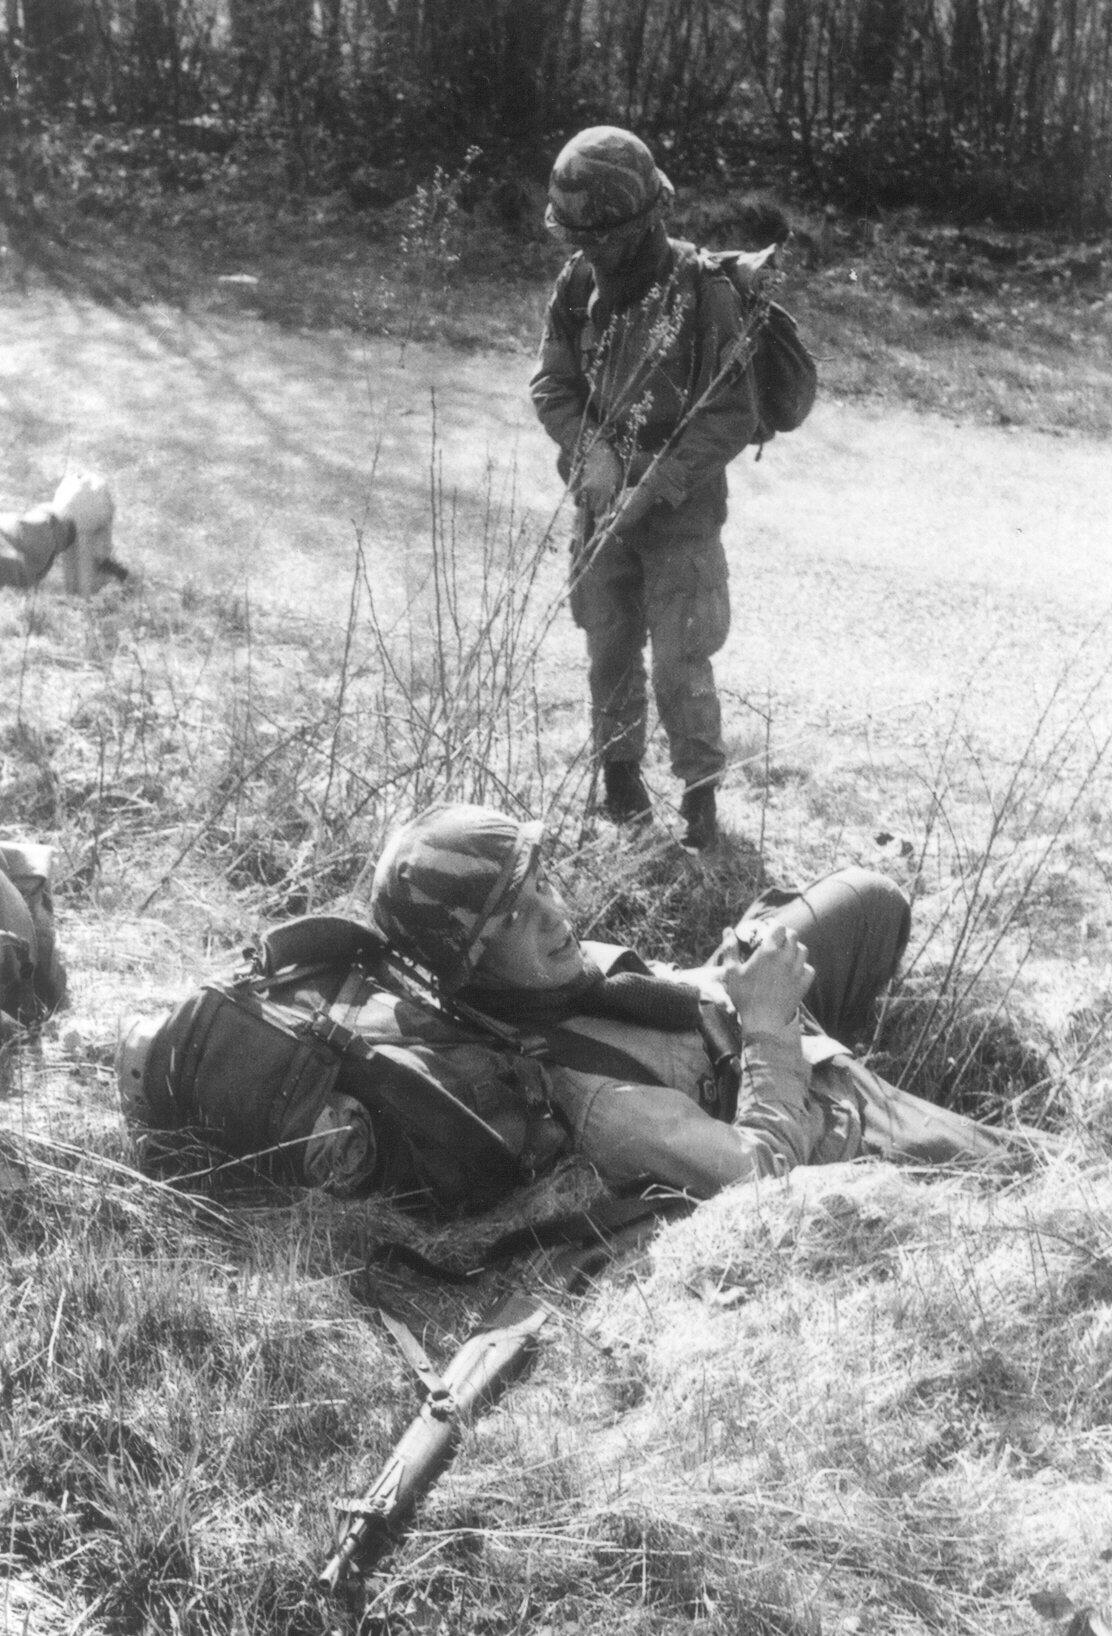 Sur le terrain 09 Patrick au repos derrière lui le sgt chef Azzi